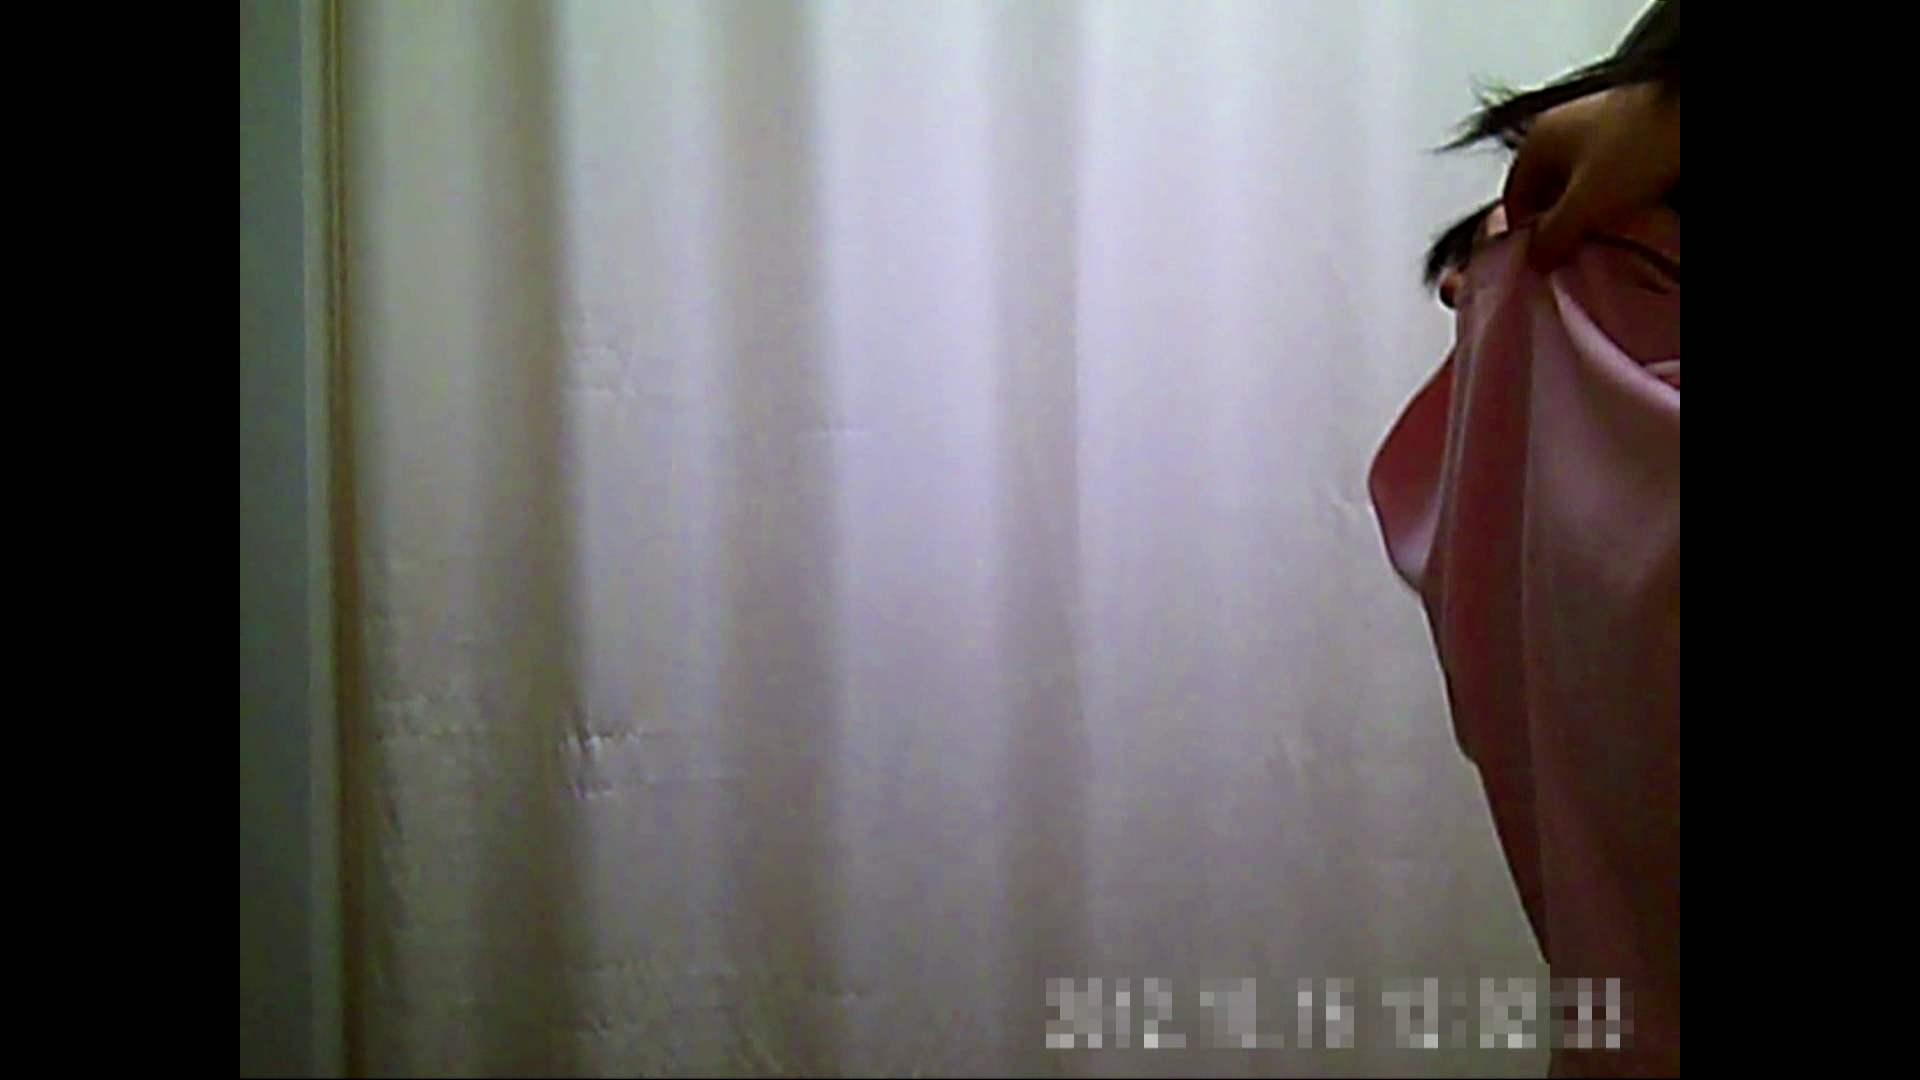 元医者による反抗 更衣室地獄絵巻 vol.056 OLの実態  27pic 2